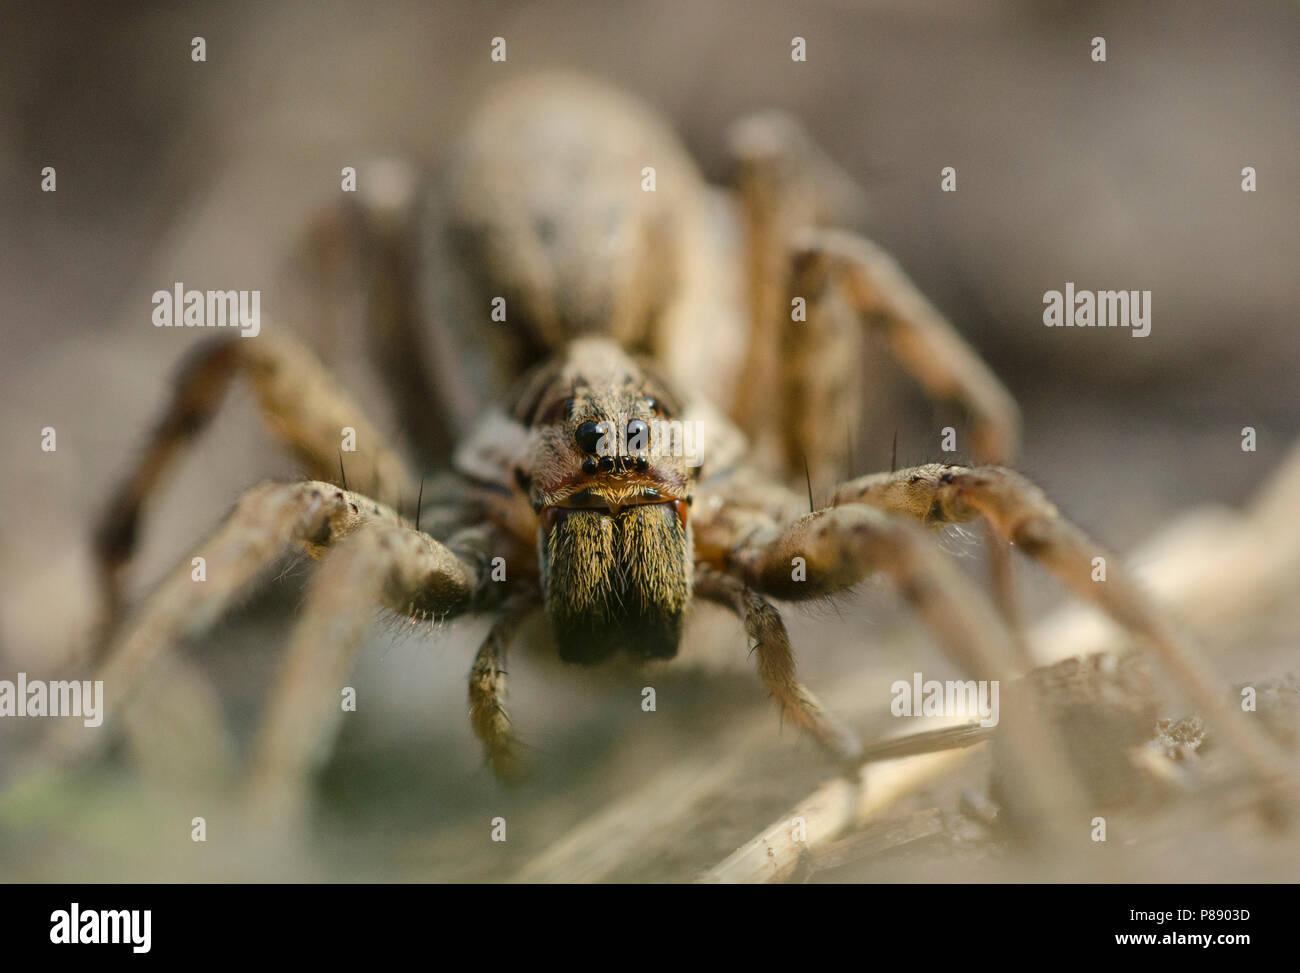 Wolfspin onbekend, Pardosa spec, Wolf Spider unknown - Stock Image